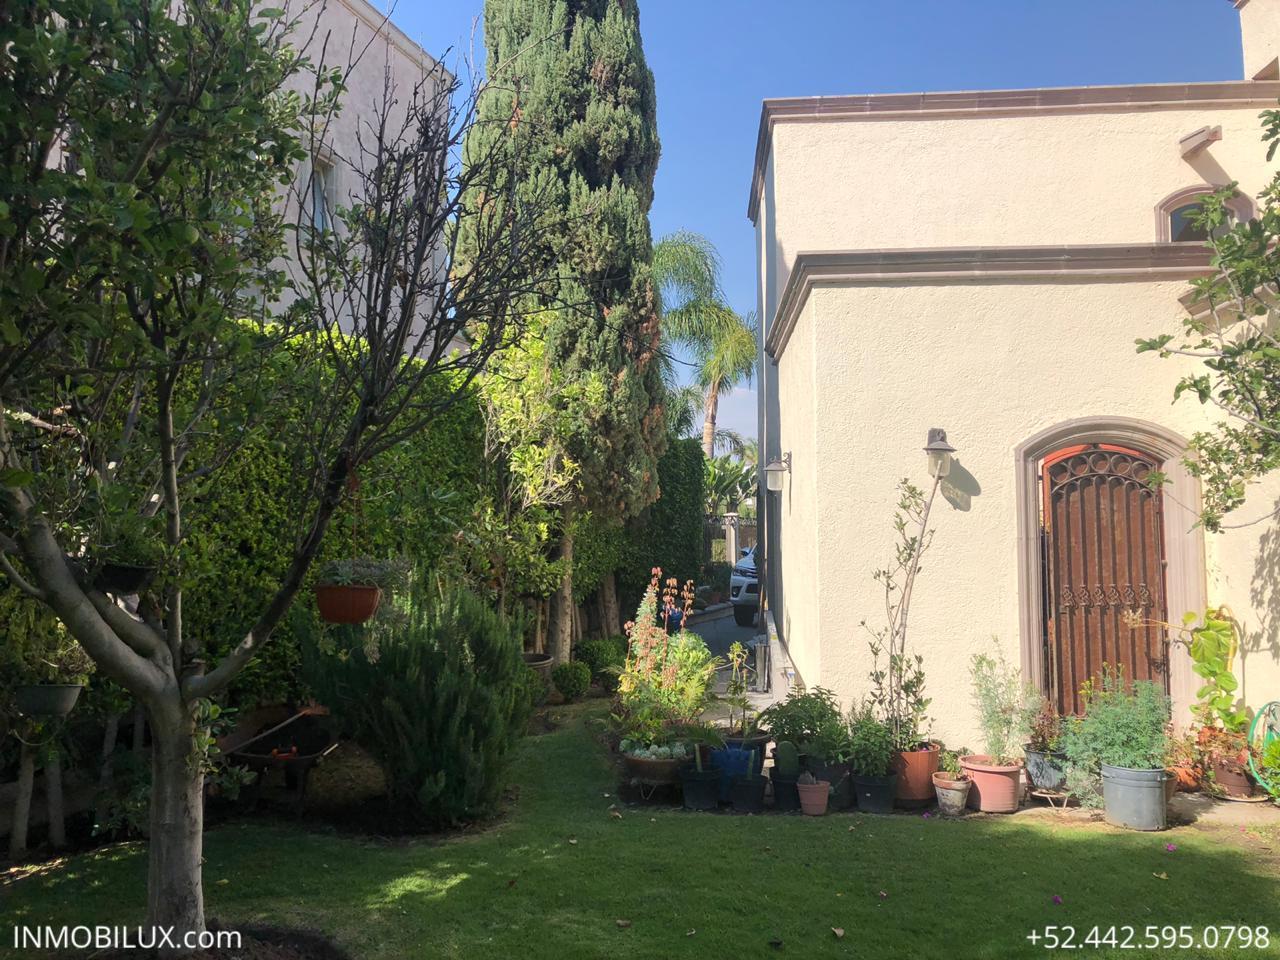 Casa Mesquite Campanario Pasillo 4